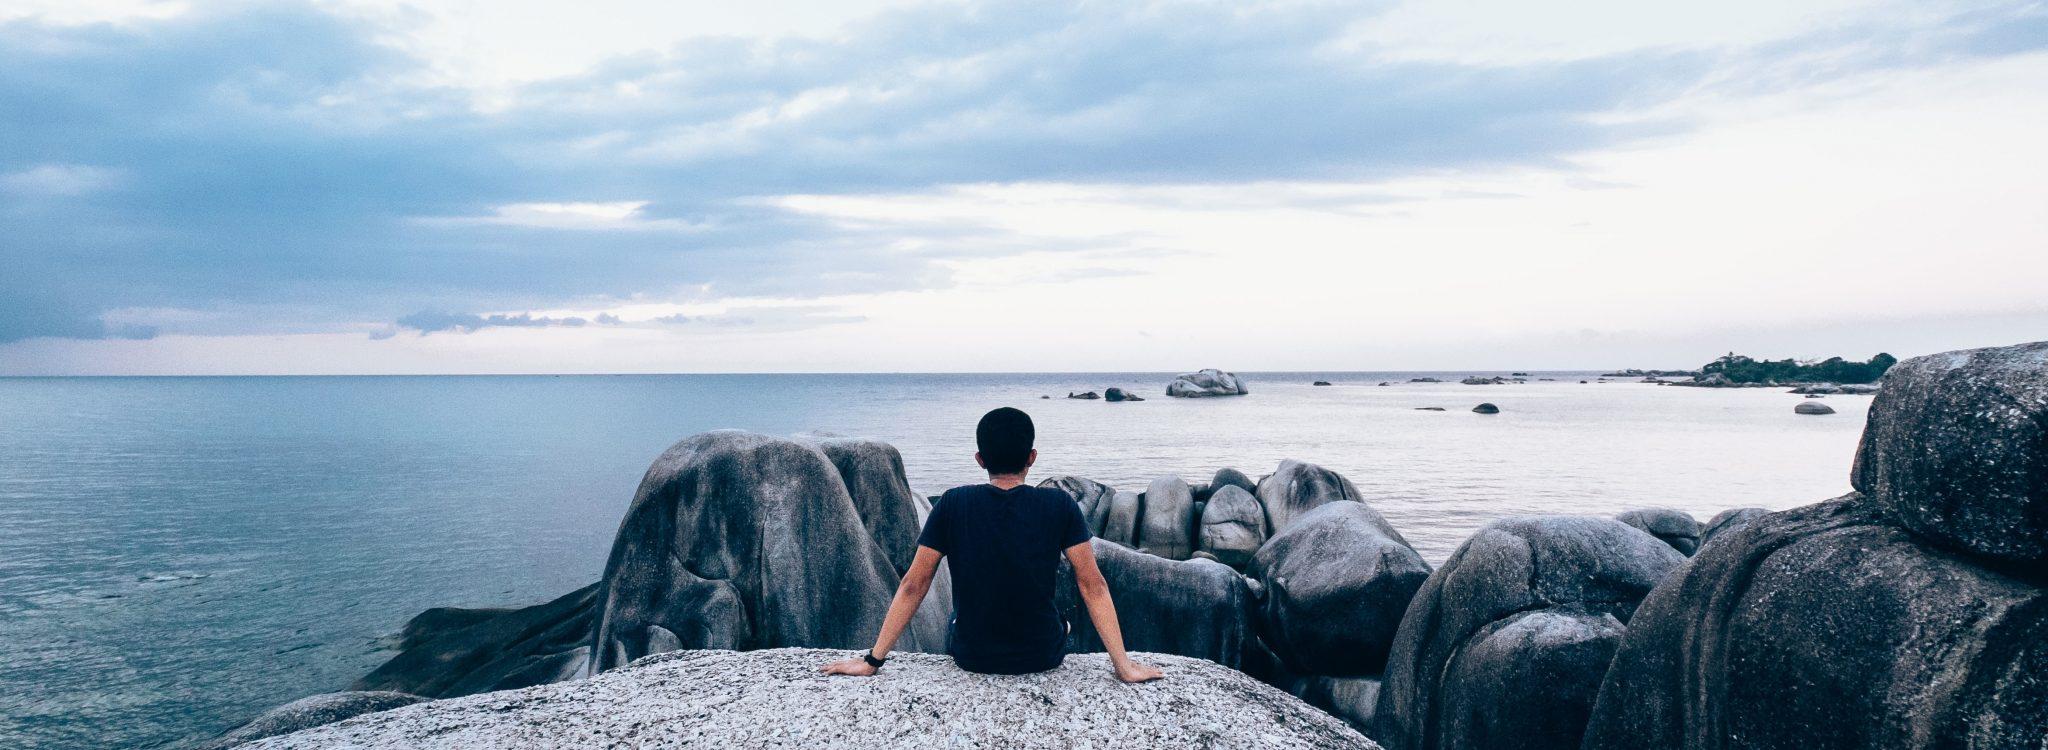 Medytacja dla początkujących wpraktyce